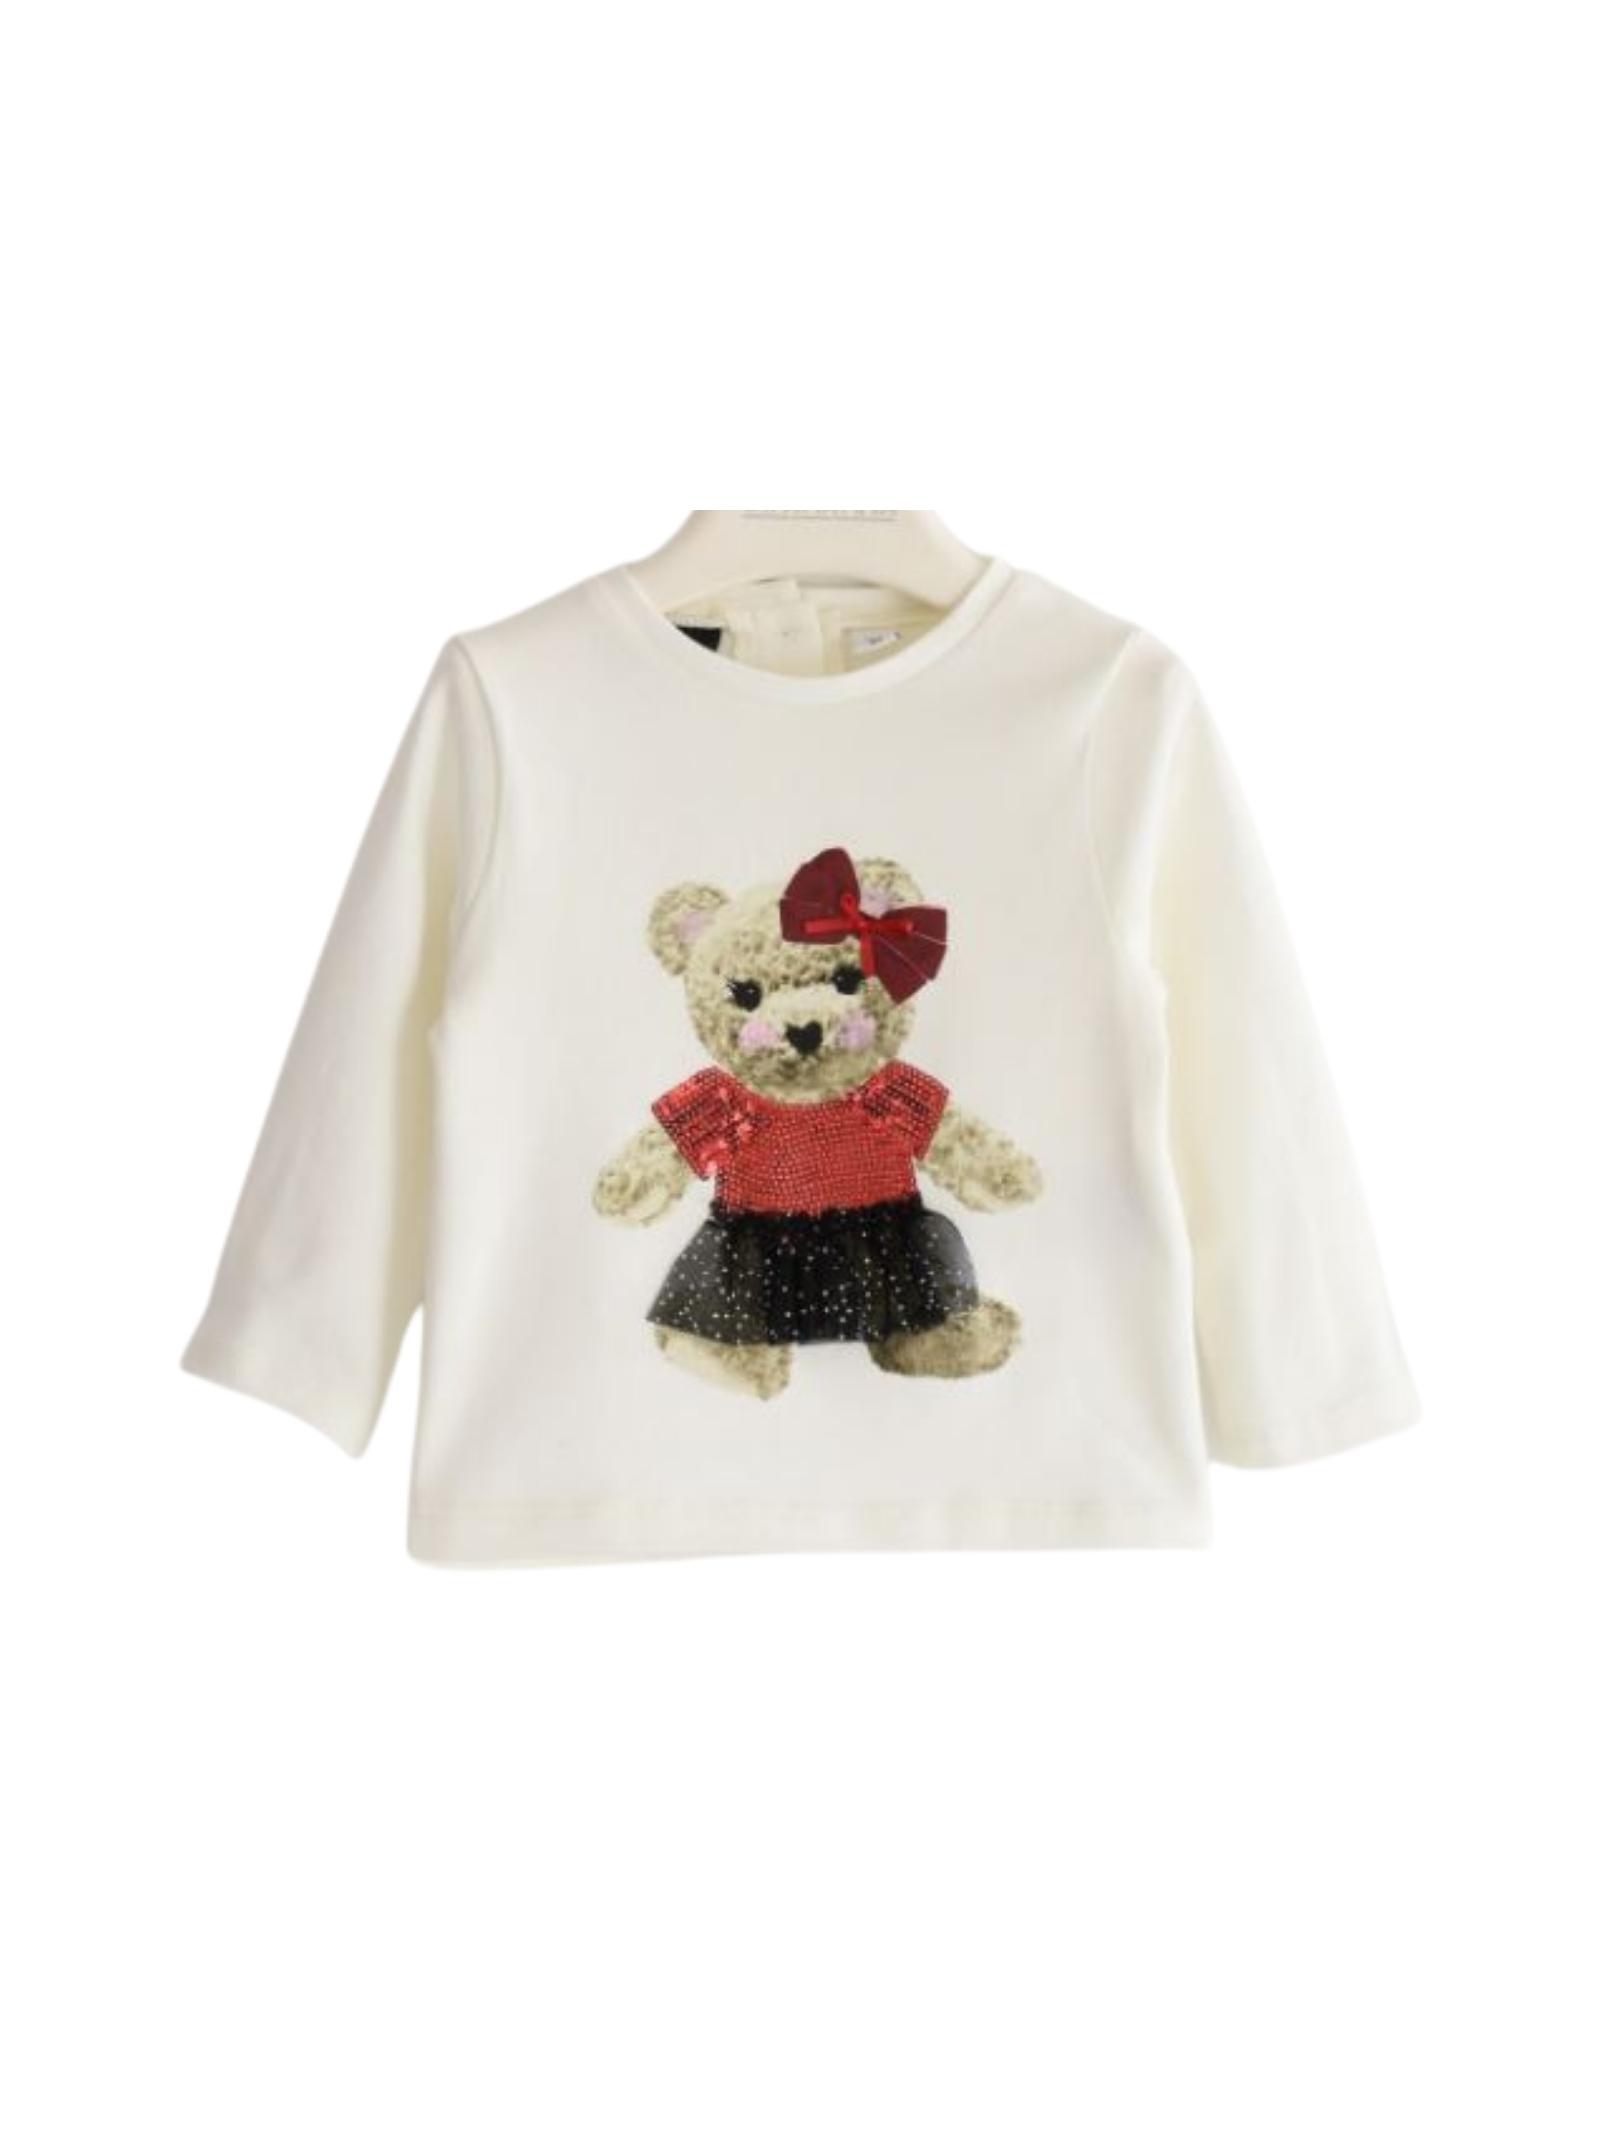 Teddy Bear Sweater for Girls SARABANDA |  | 01217000112